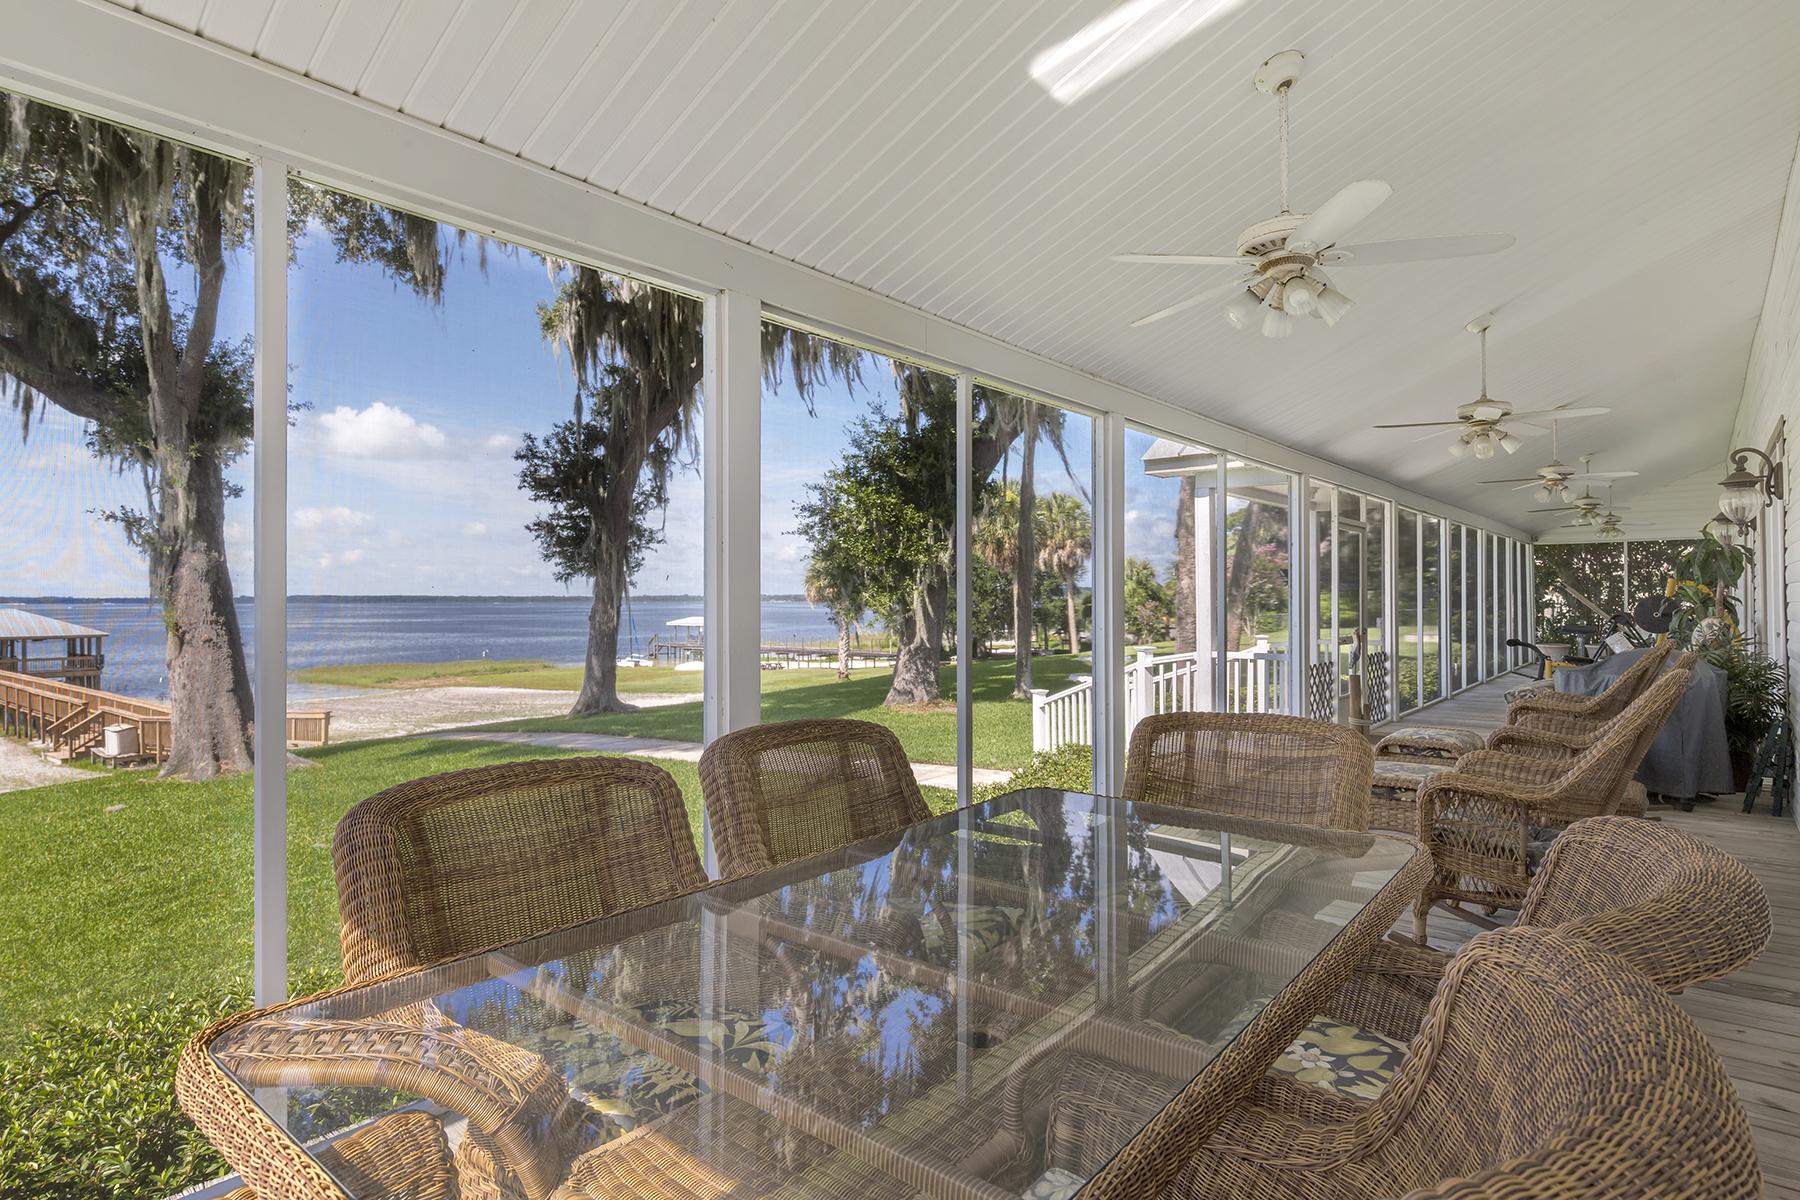 Частный односемейный дом для того Продажа на Ocala-Ocklawaha 12730 E Highway 25 Ocklawaha, Флорида, 32179 Соединенные Штаты